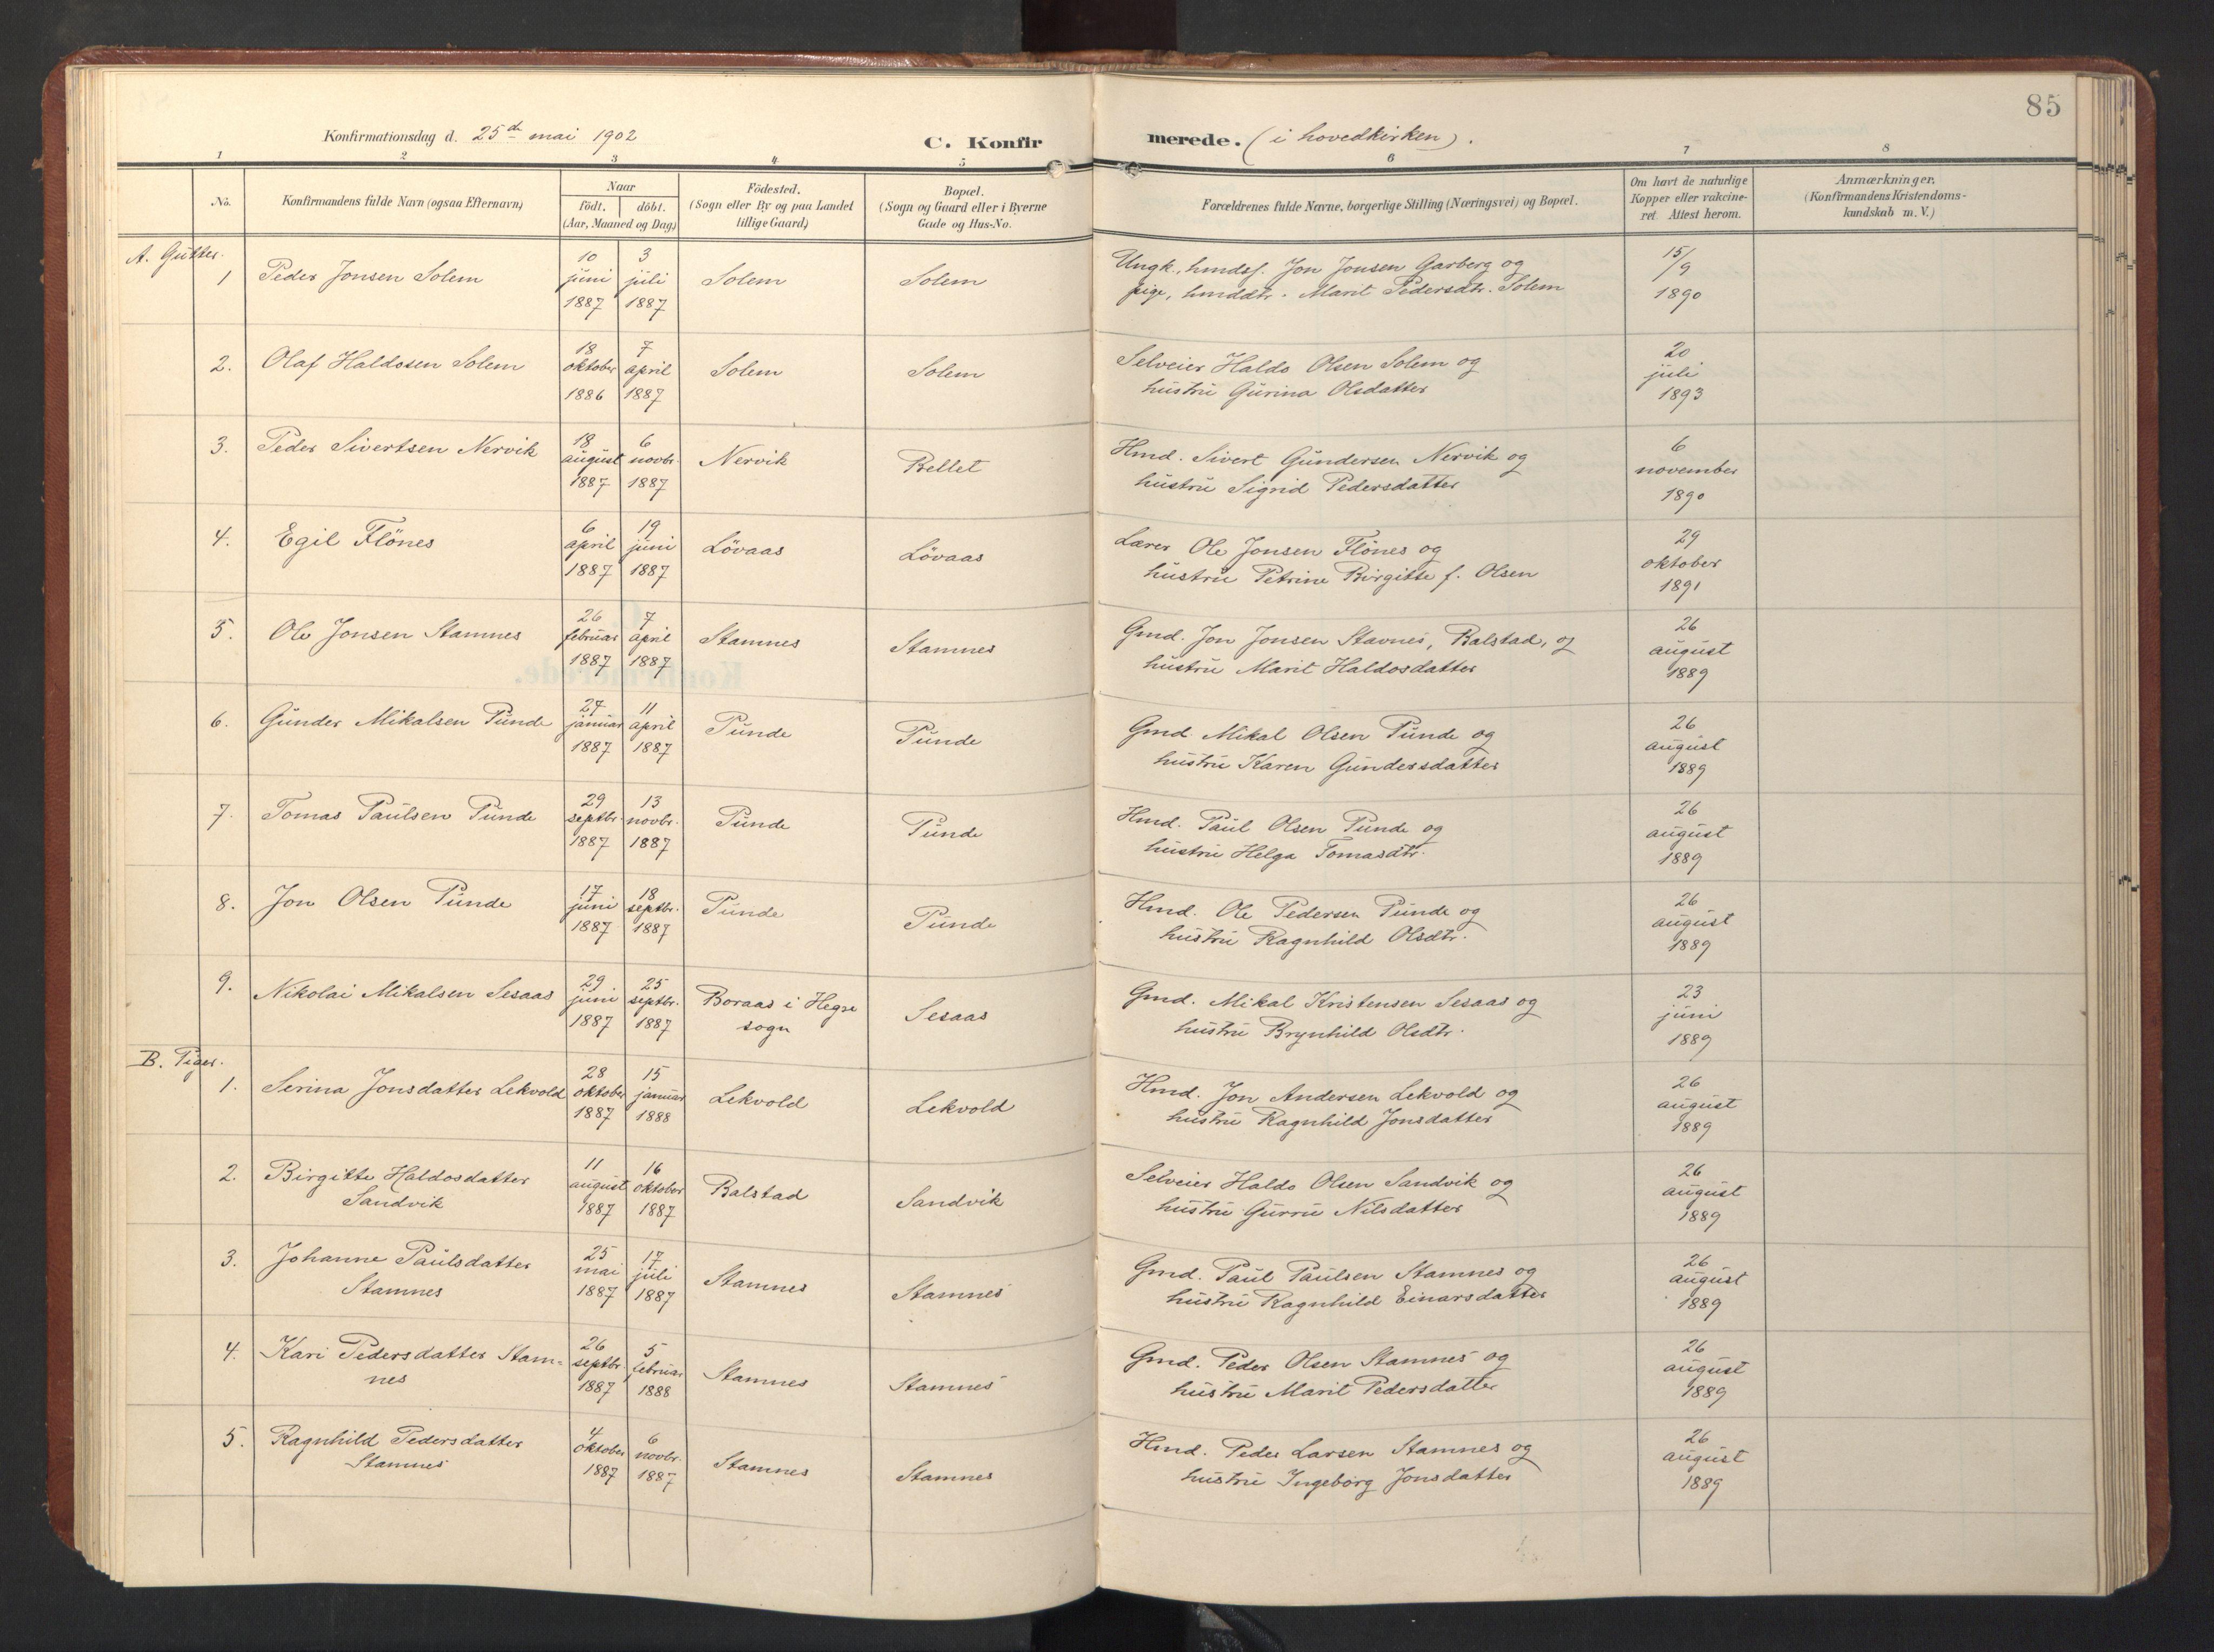 SAT, Ministerialprotokoller, klokkerbøker og fødselsregistre - Sør-Trøndelag, 696/L1161: Klokkerbok nr. 696C01, 1902-1950, s. 85